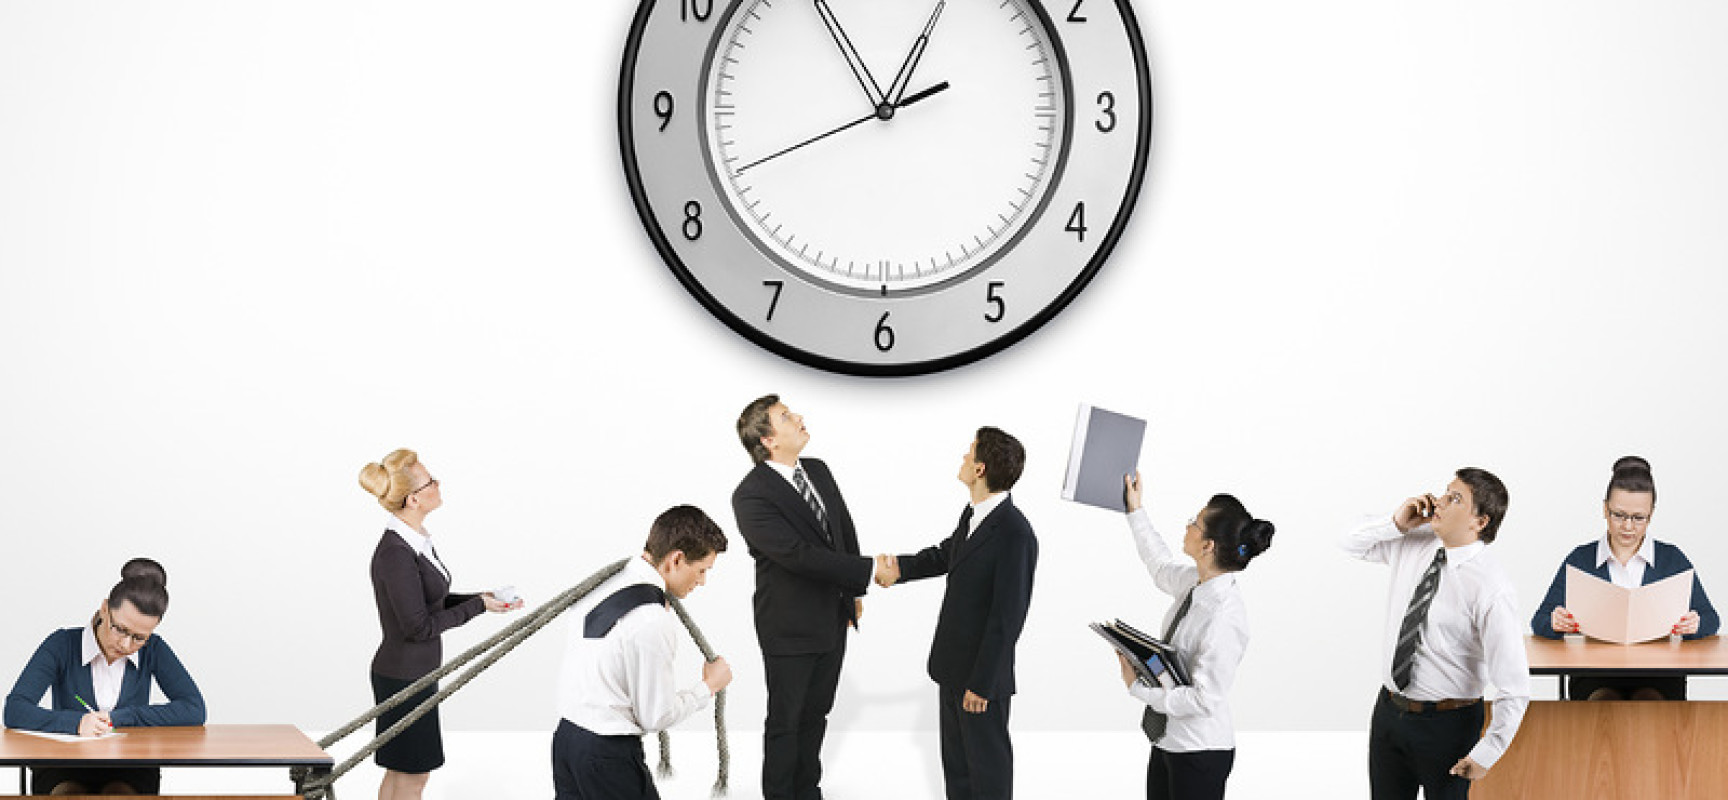 Как внести в трудовой договор условие, предусматривающее суммирование рабочего времени